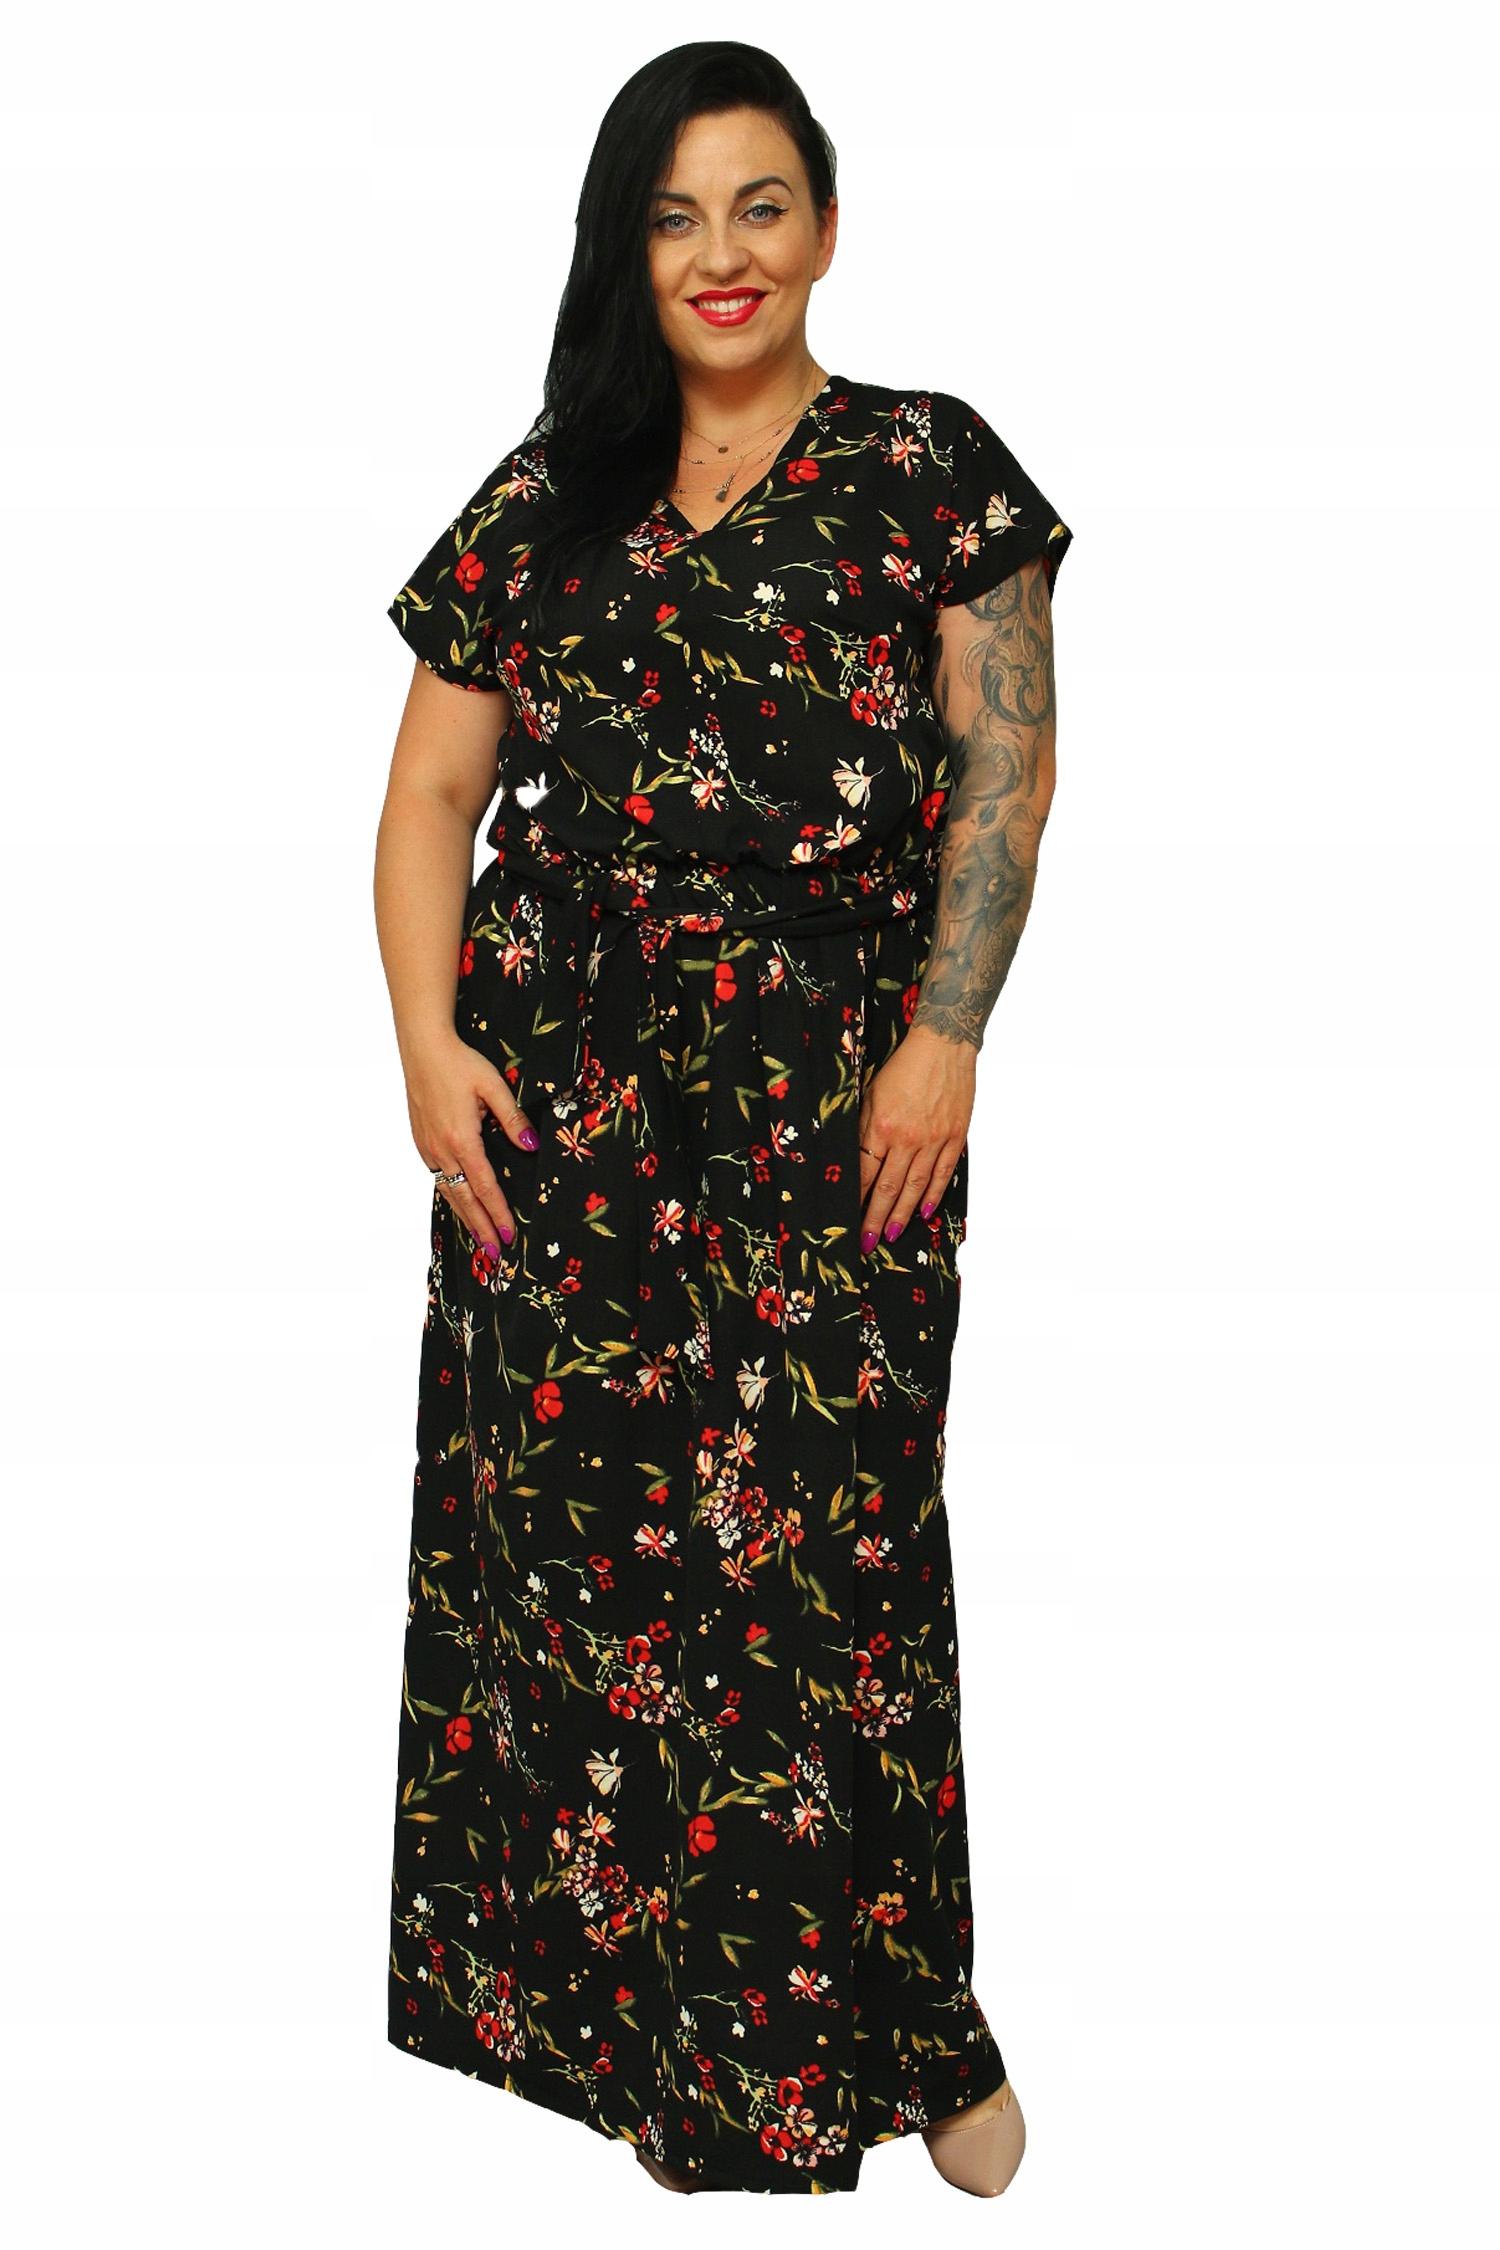 479106a38c Sukienka ZOE letnia long gumka łączka 44 - 7398475331 - oficjalne ...